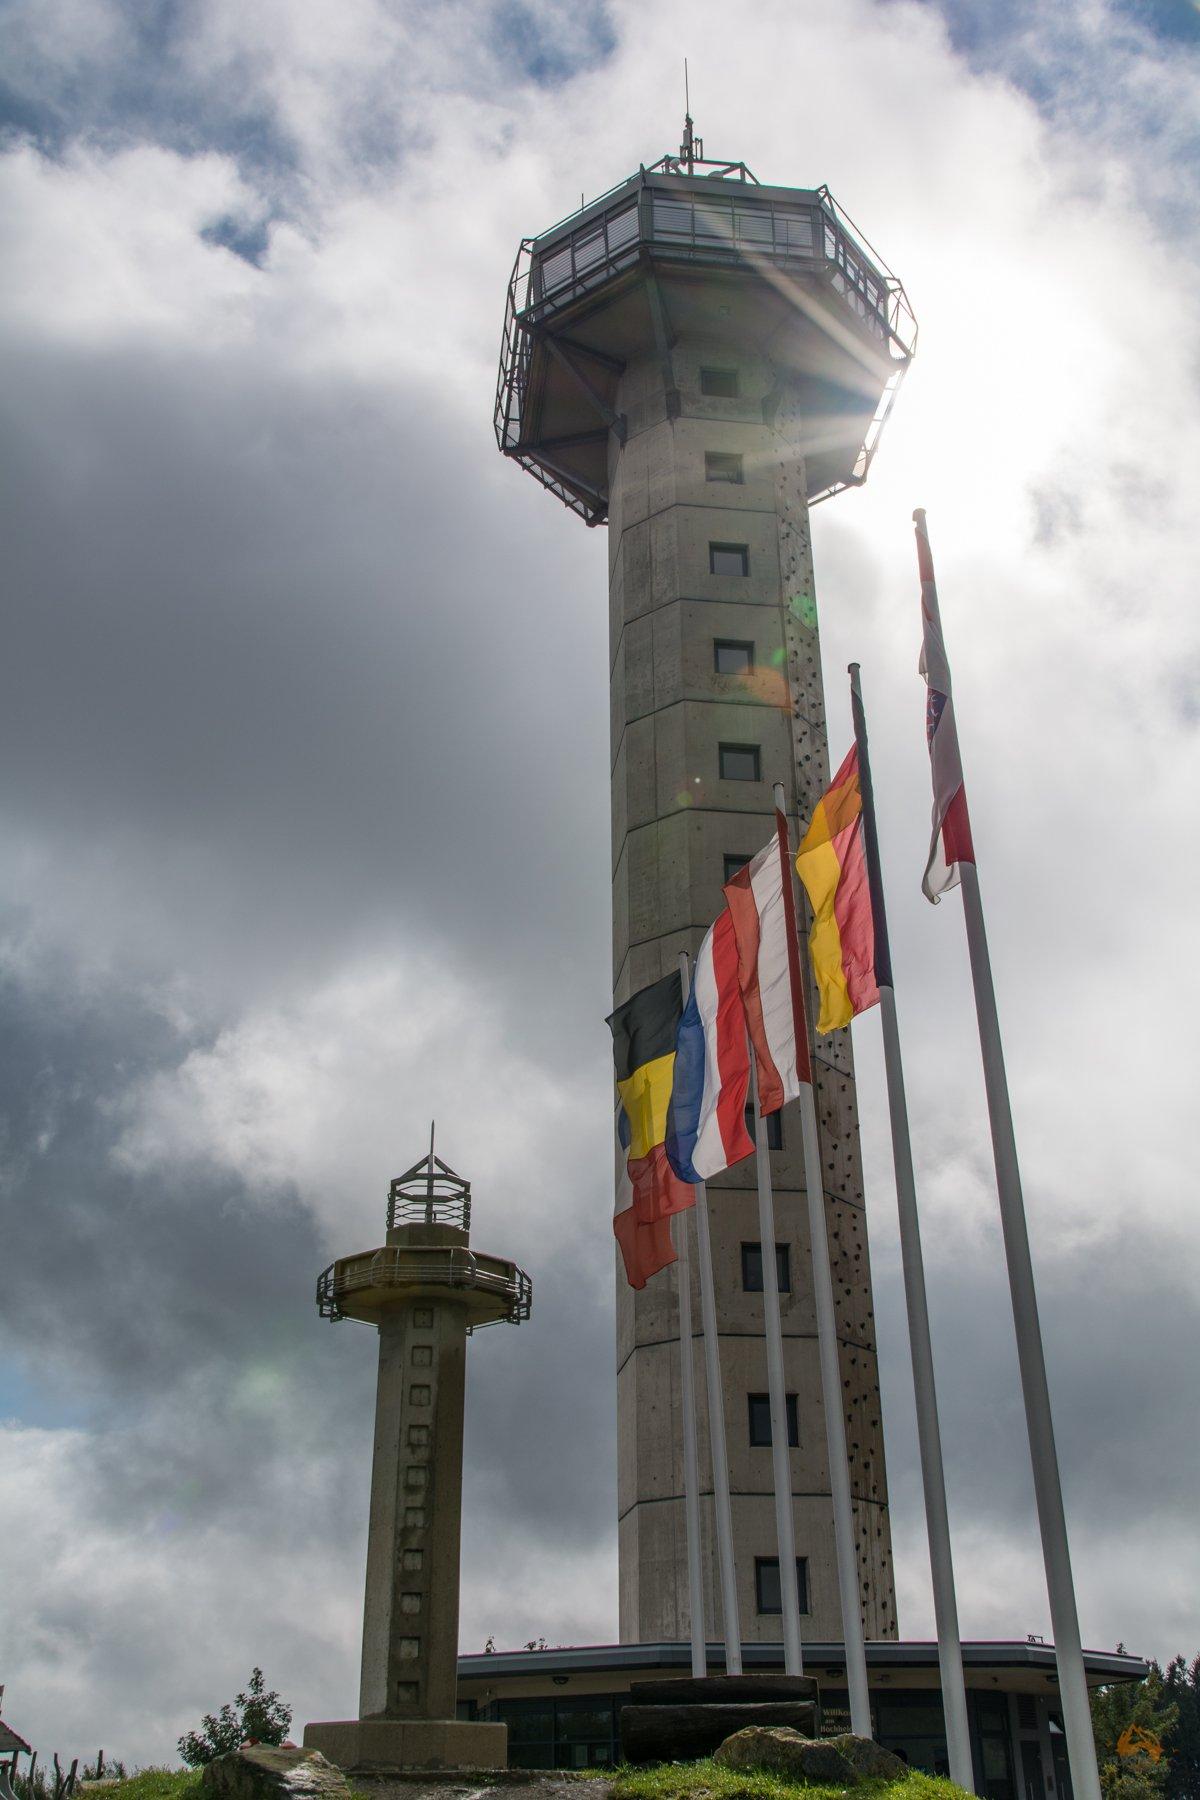 Sauerland - Regen in Willingen - Ettelsberg - Hochheideturm